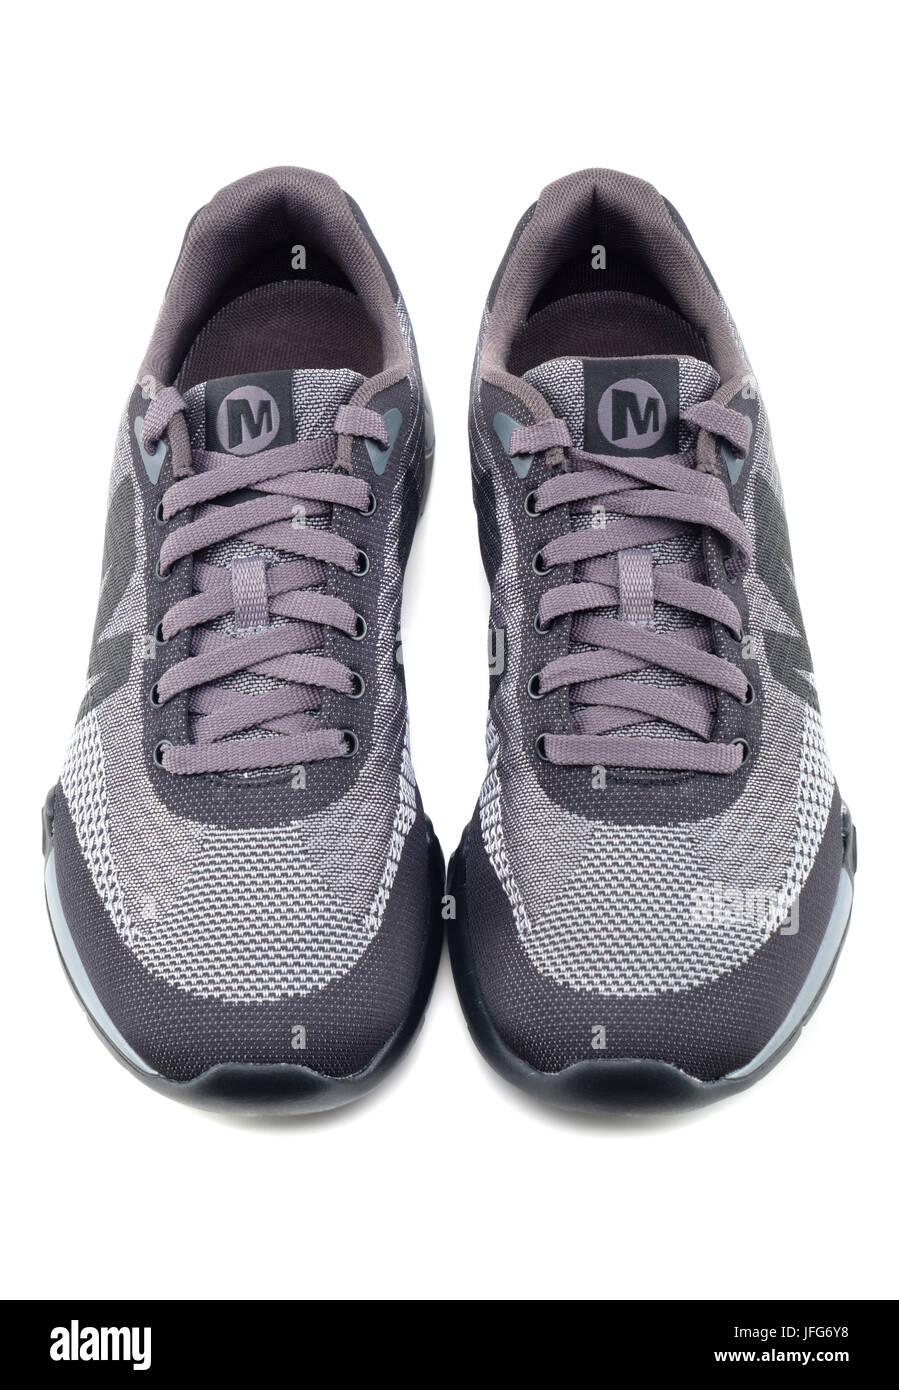 Paar grau Merrel casual Schuhe schneiden Sie auf weißem